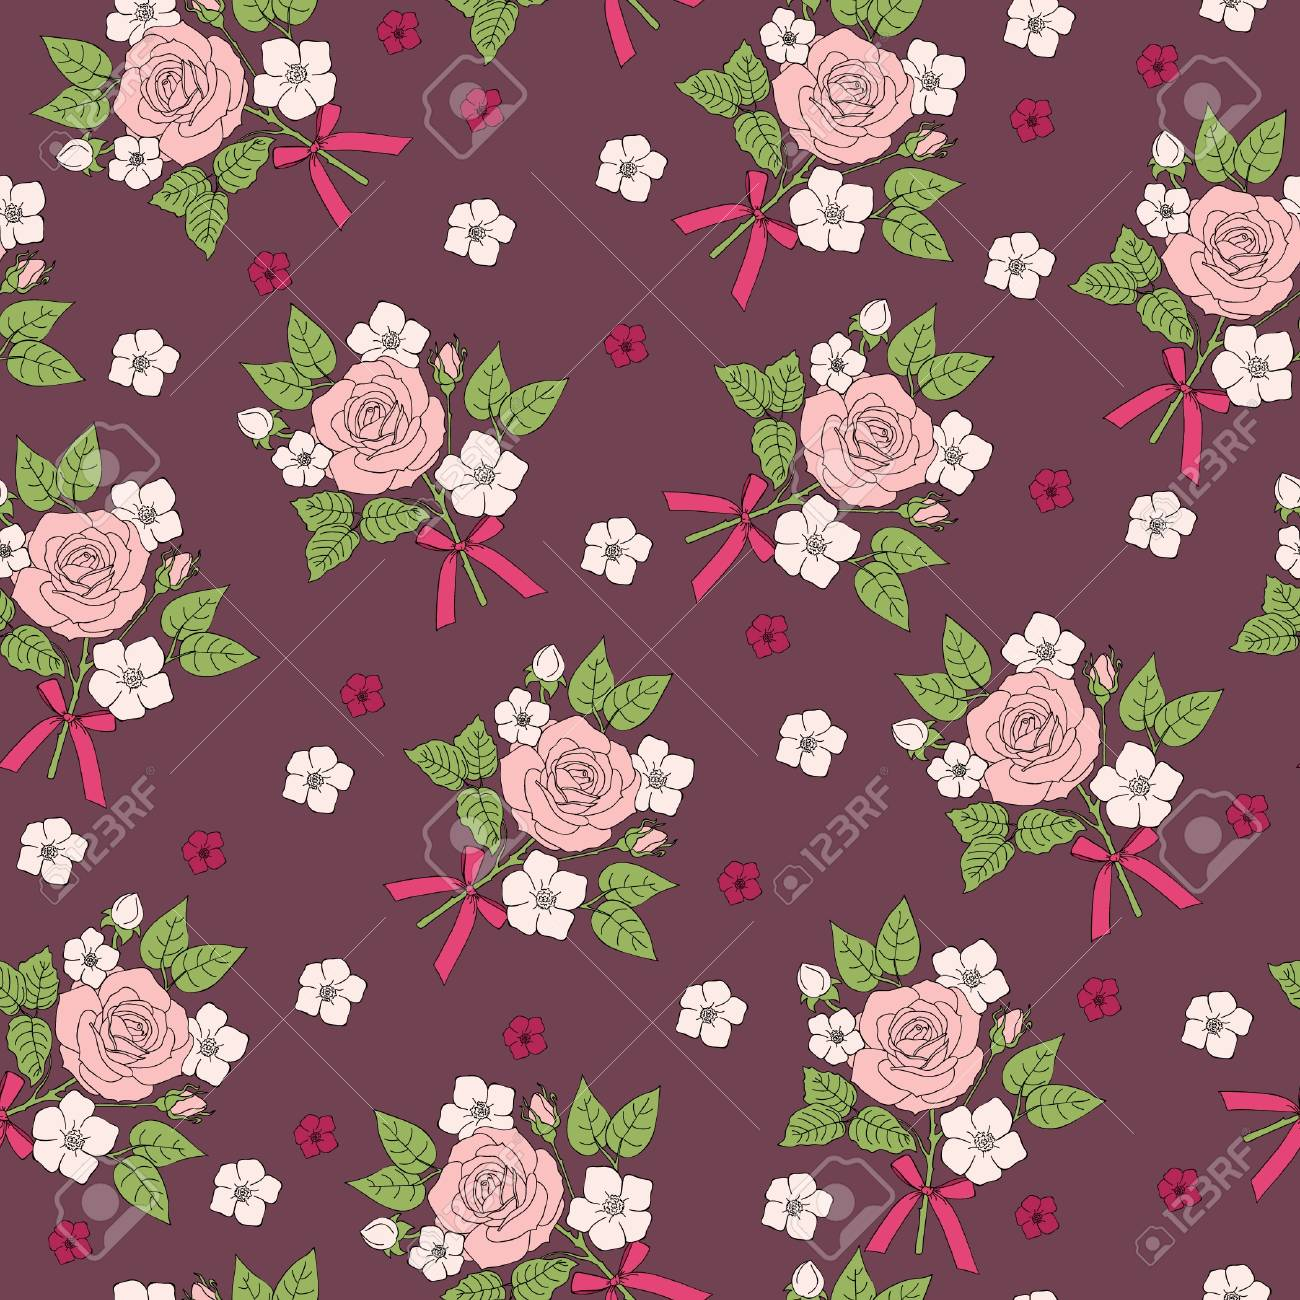 シームレスなレトロな花柄のデザインの壁紙のパターンのイラスト素材 ベクタ Image